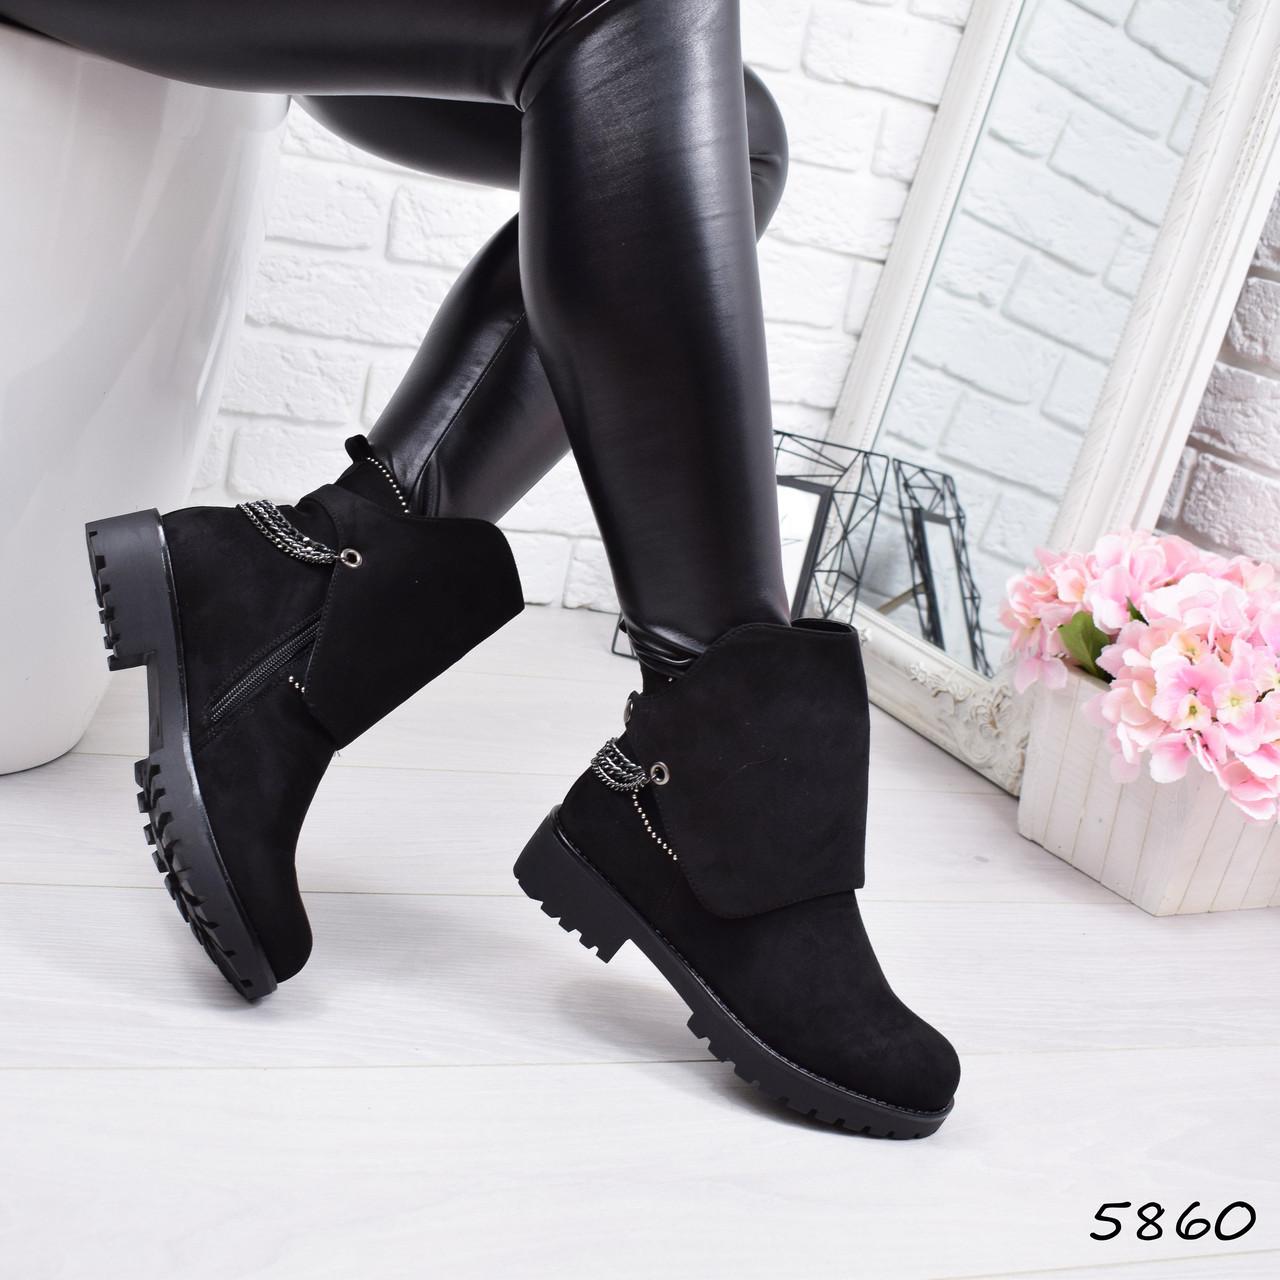 Ботинки женские Filonio черные замша 5860  ЗИМА р. 41